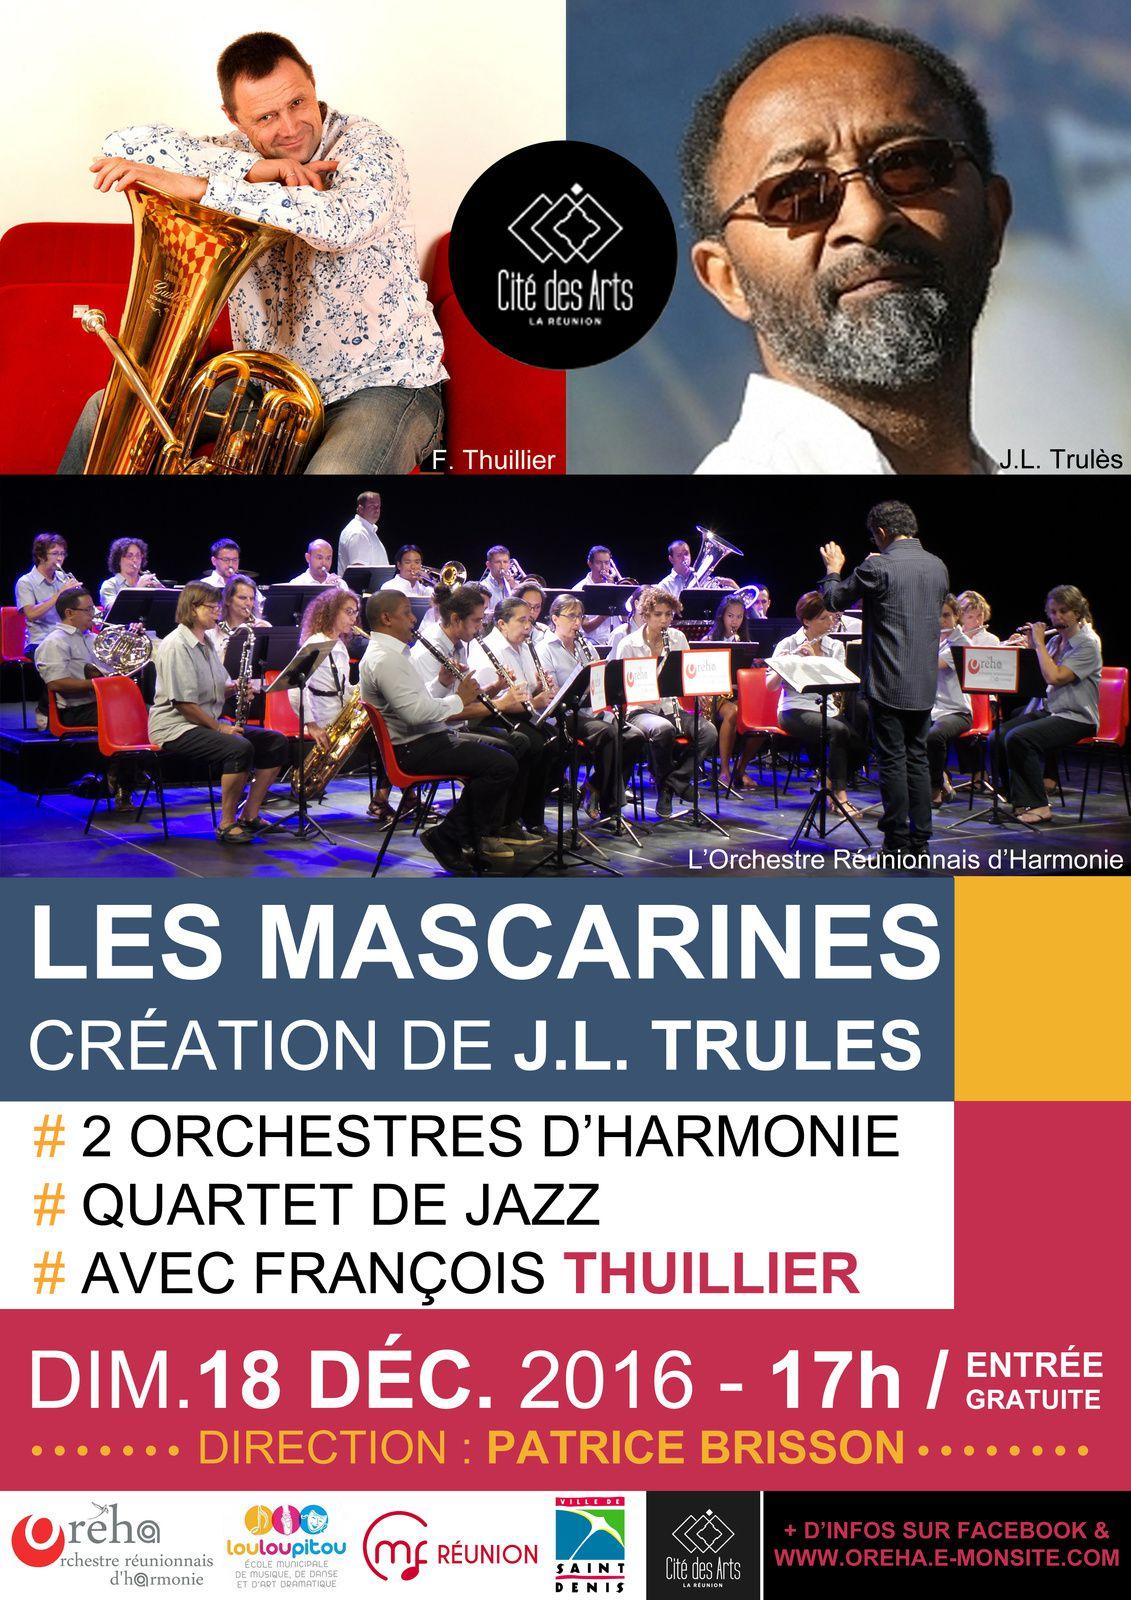 Concert LES MASCARINES dimanche 18 décembre